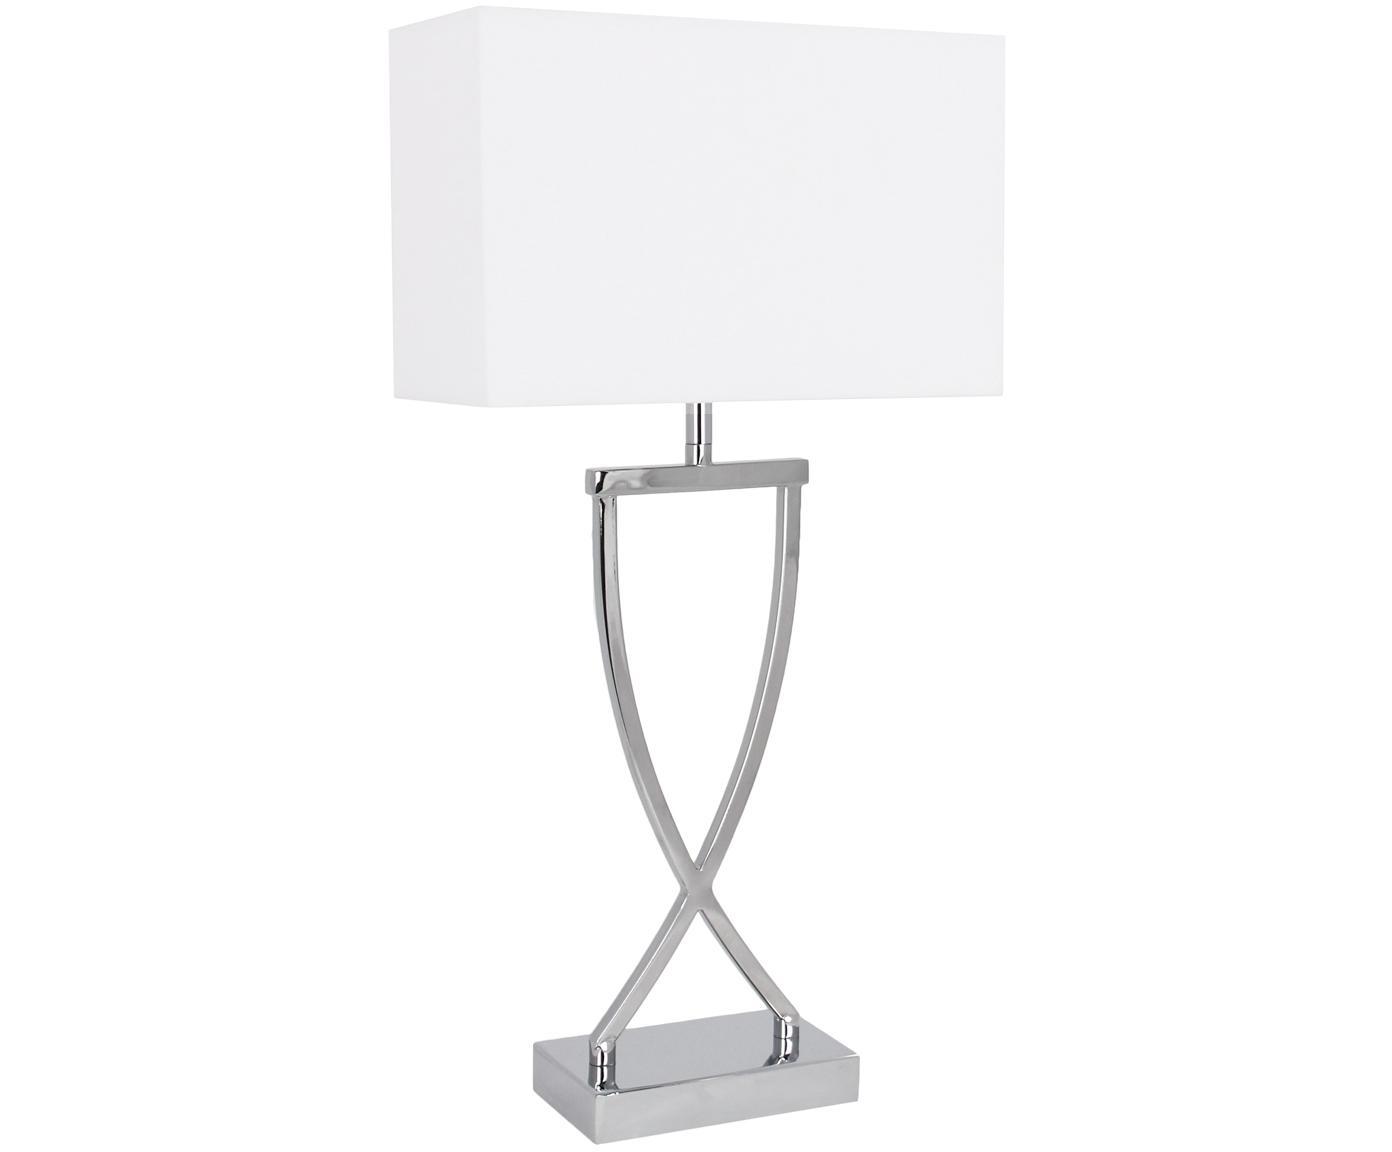 Lampada da tavolo Vanessa, Base della lampada: Metallo, Paralume: Tessuto, Base della lampada: argento, paralume: bianco, cavo: bianco, Larg. 27 x Alt. 52 cm